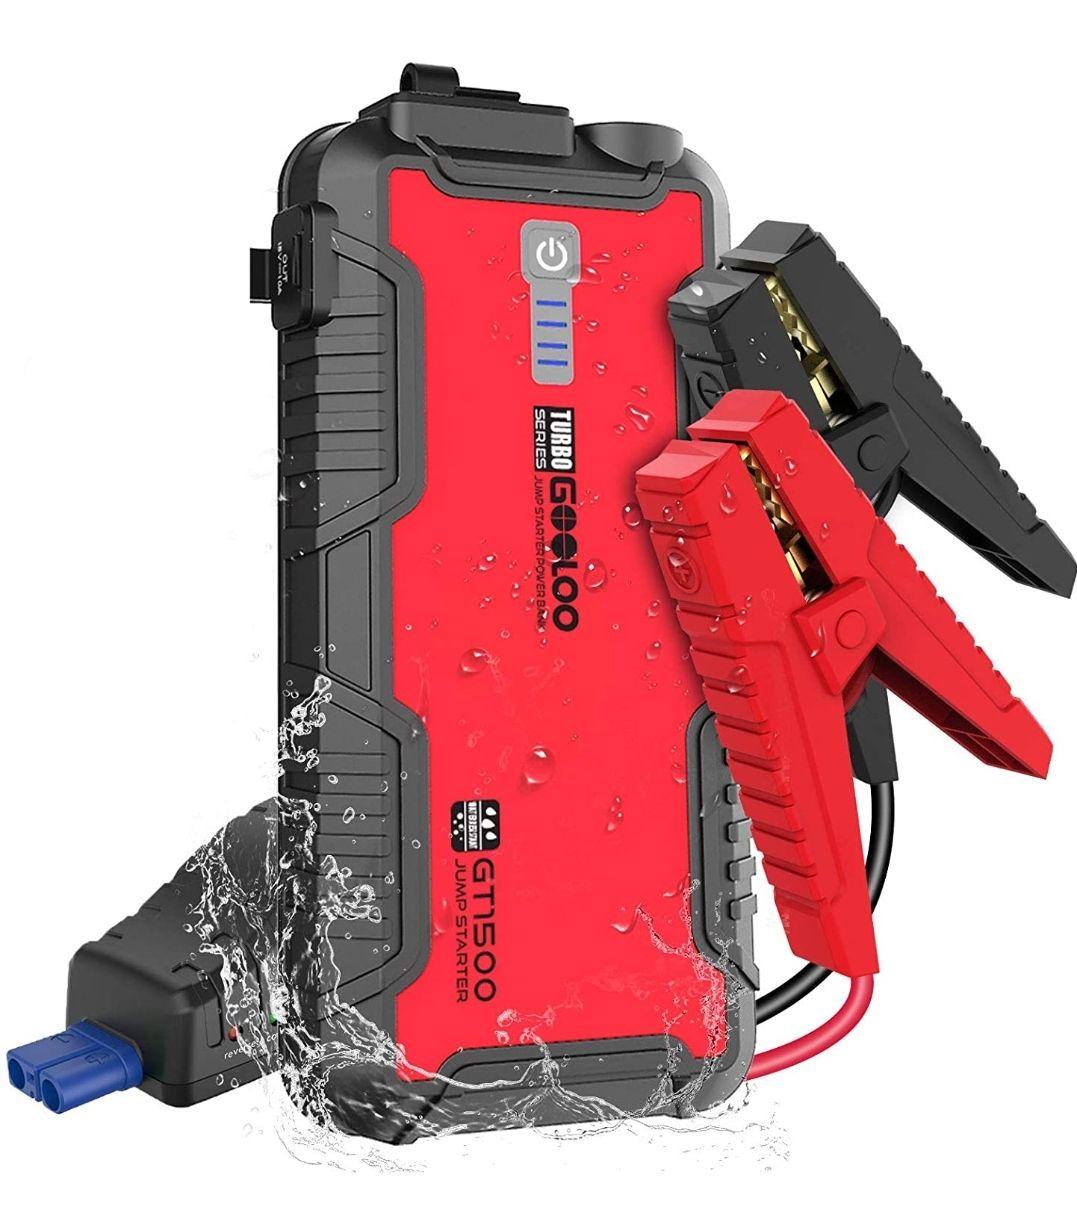 GOOLOO GT1500 Arrancador Resistente al Agua 1500A -12V para 8L Gasolina y 6L Diésel con Carga Rápida USB , incluye bolsa transporte